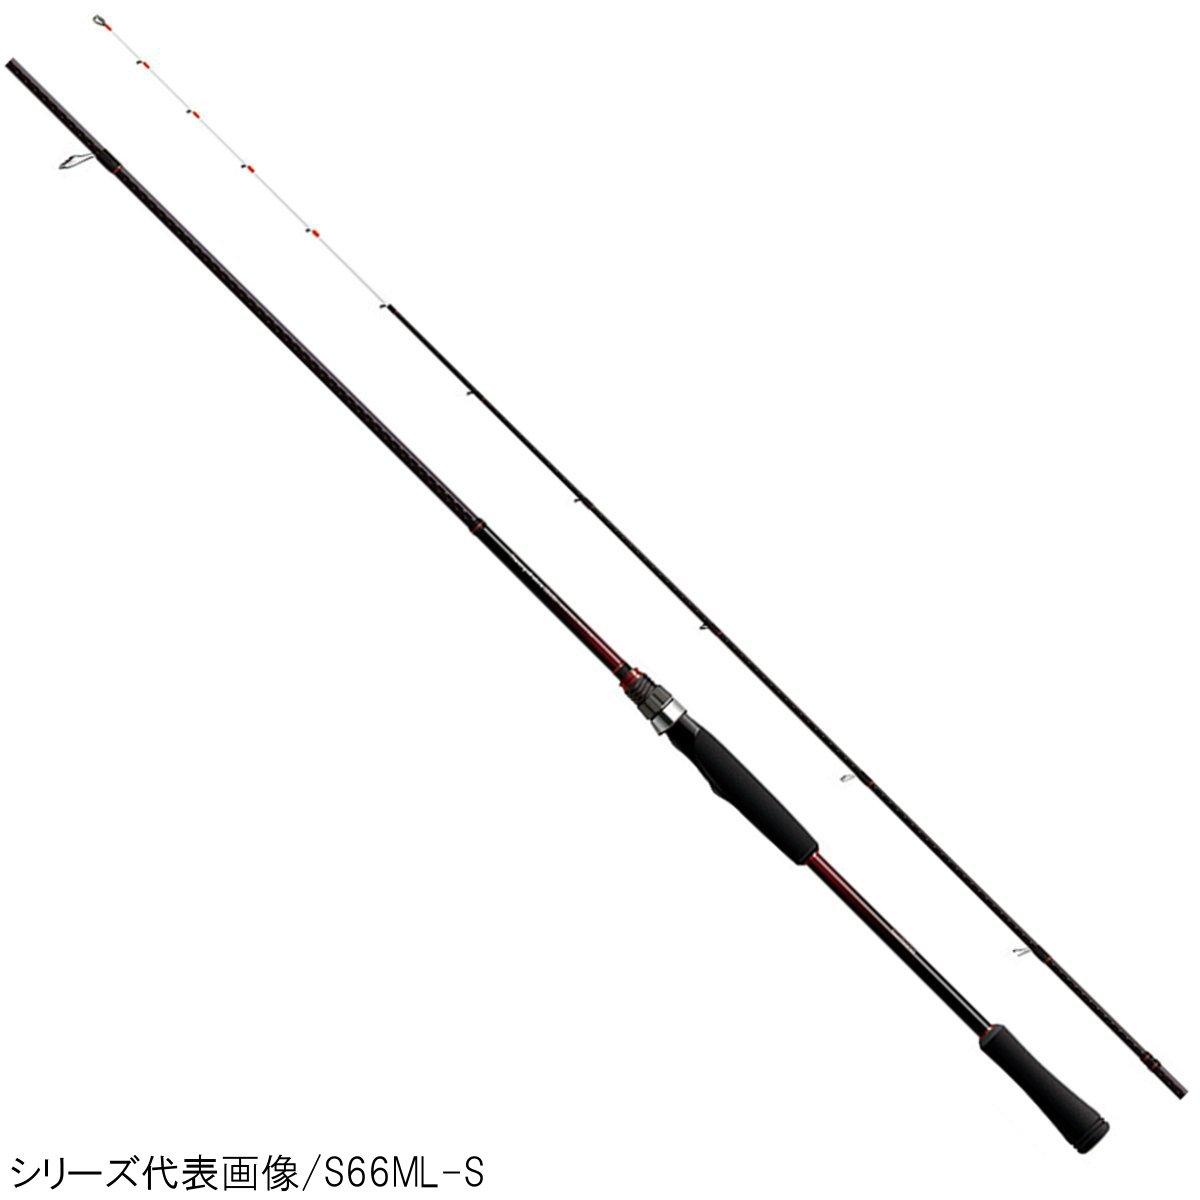 シマノ セフィア BB メタルスッテ S66L-S【送料無料】